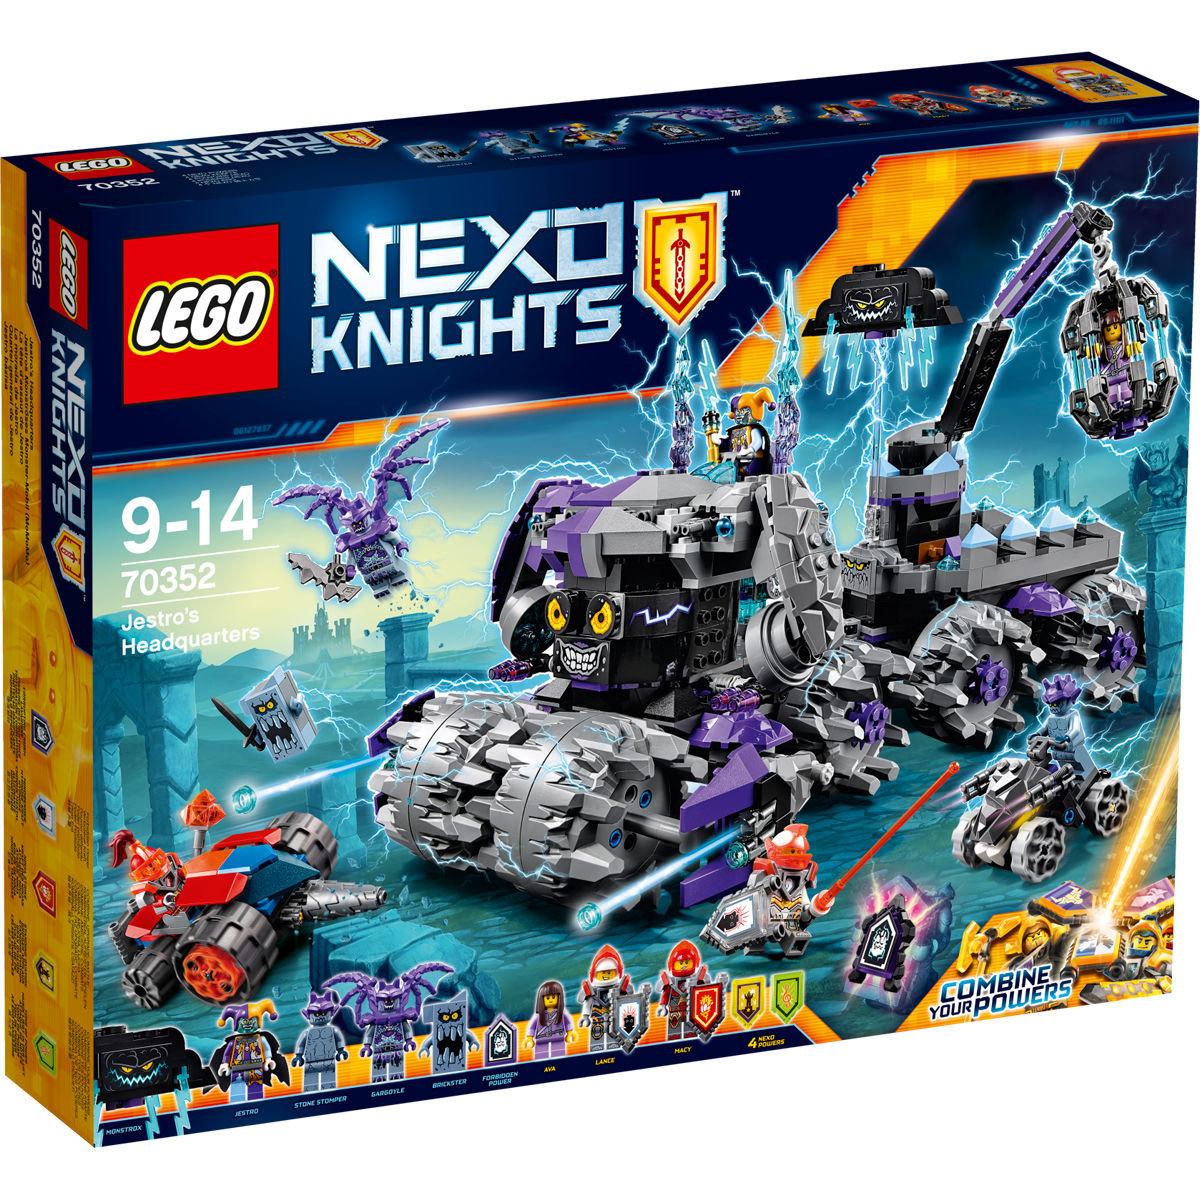 LEGO® Nexo Knights 70352 Jestros monströses Monster für 54,99€ [Karstadt]